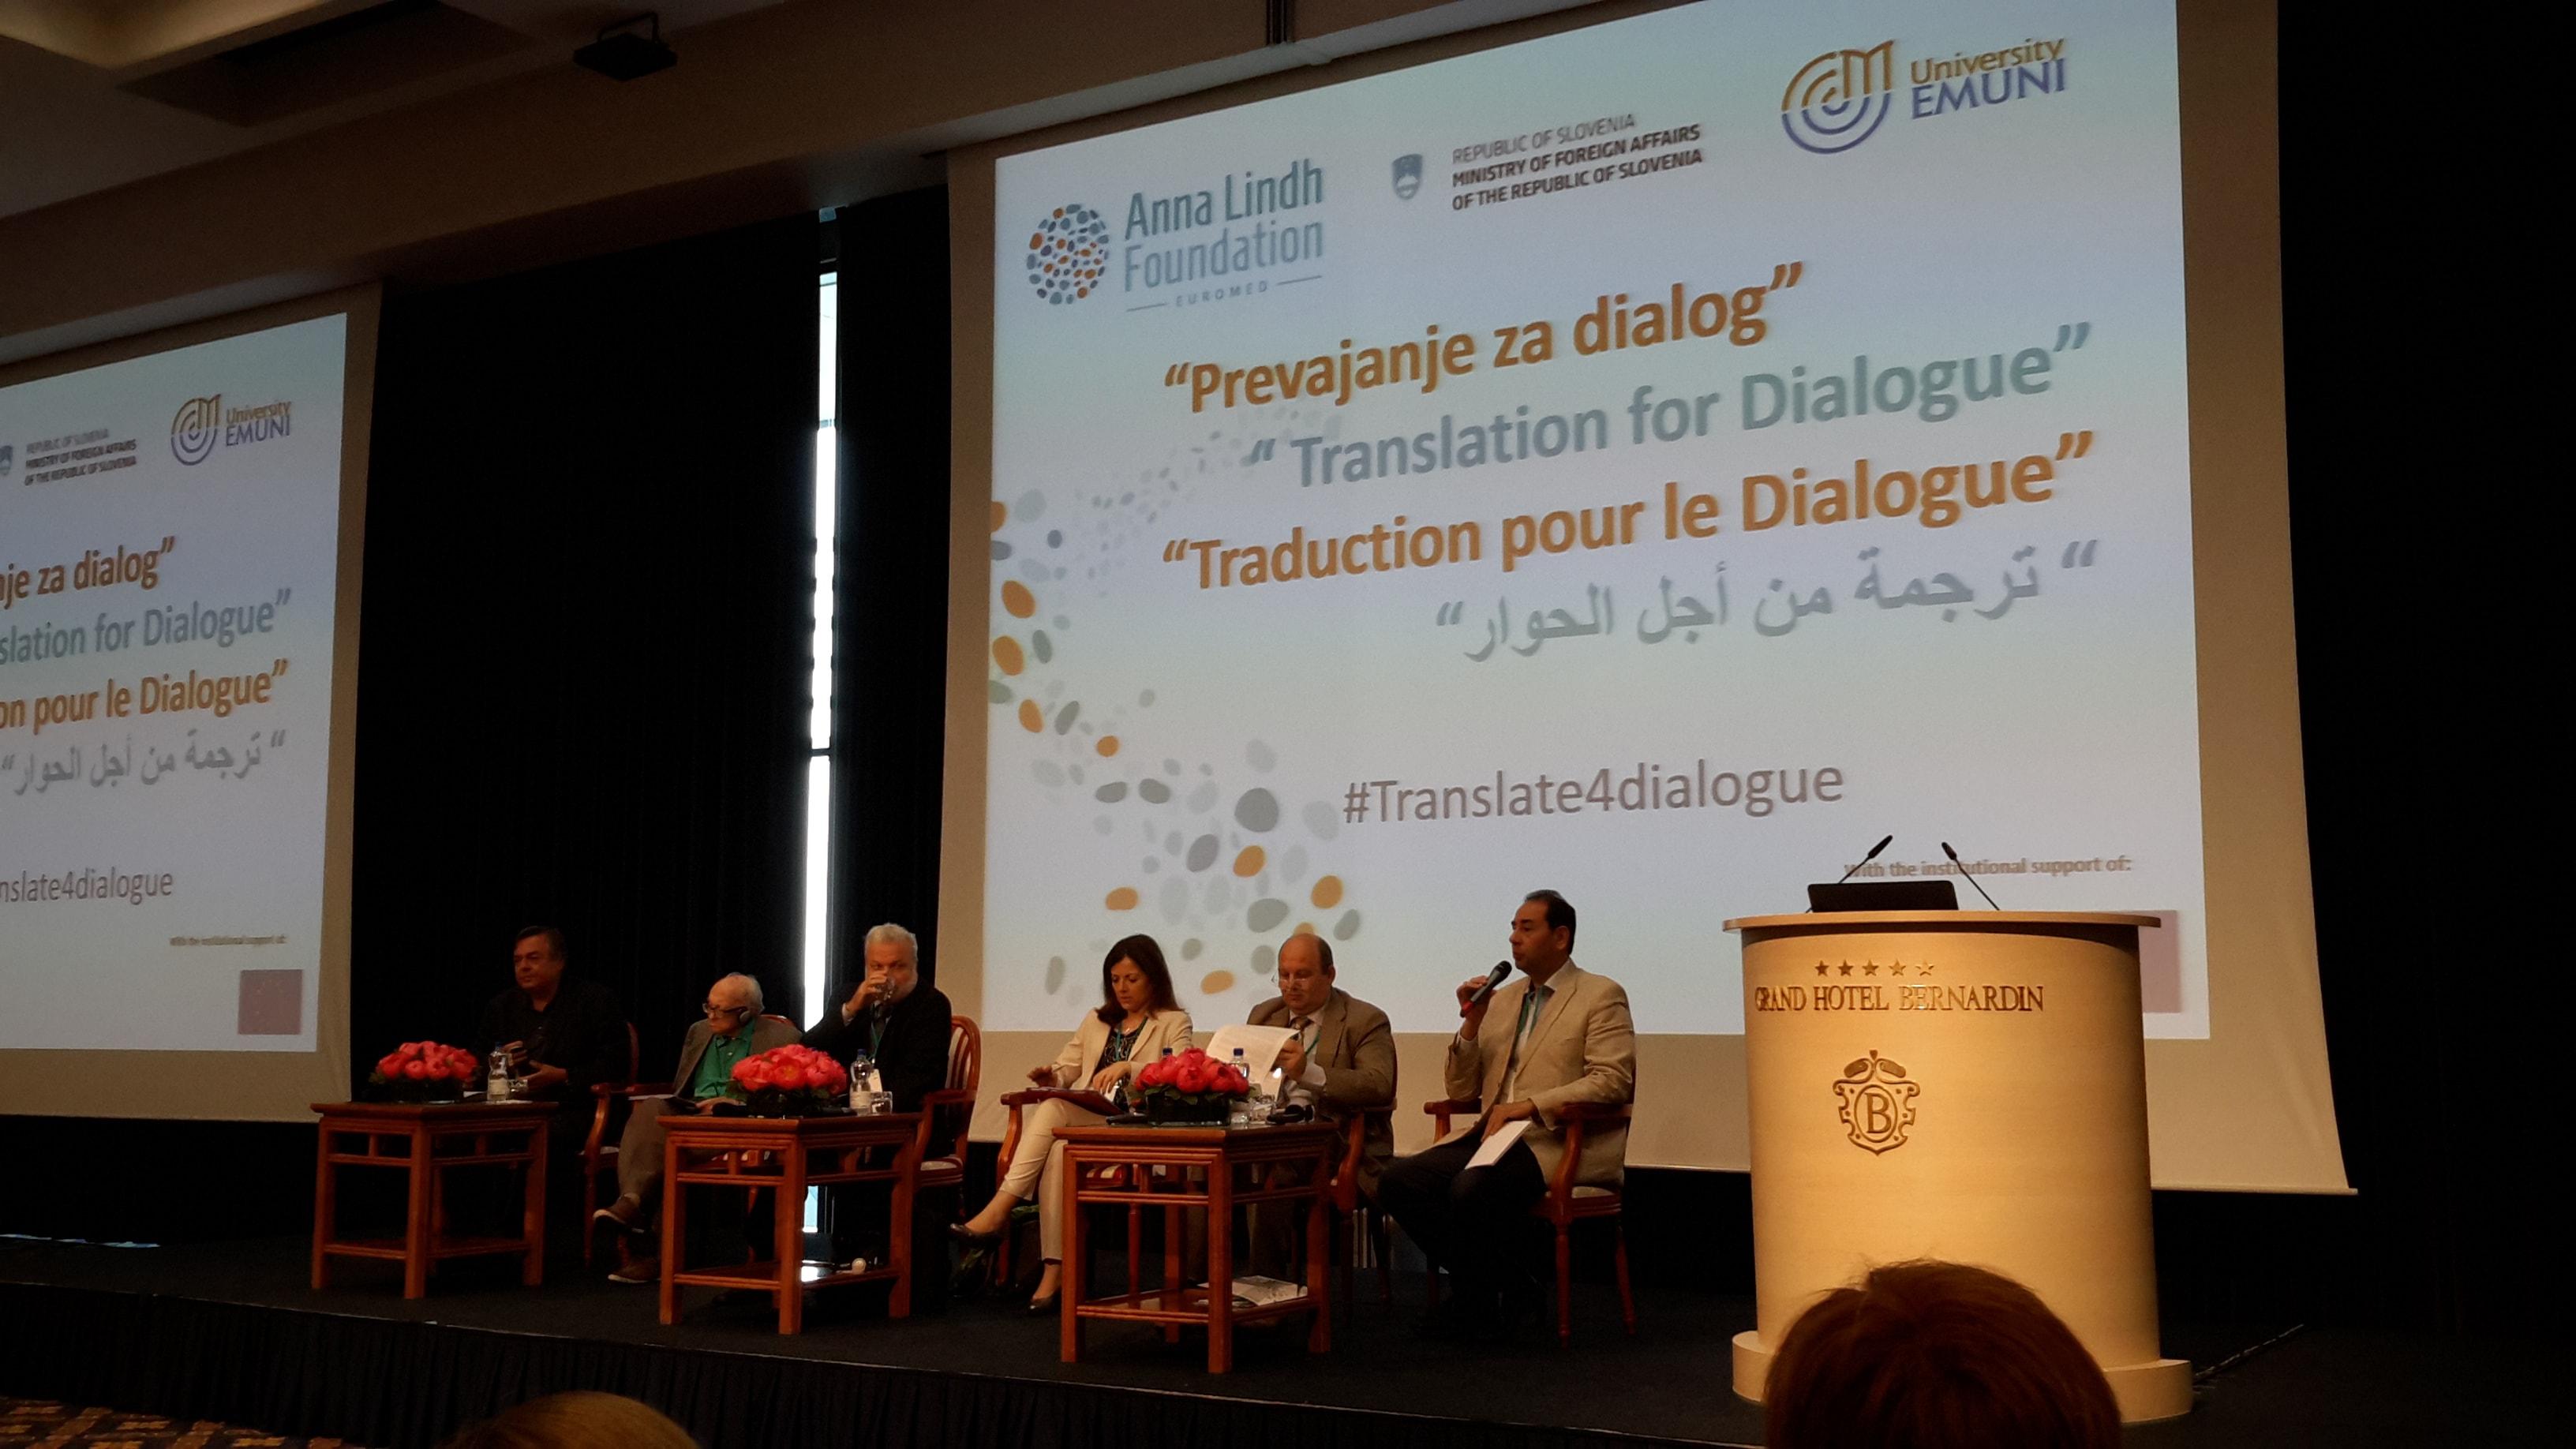 Mednarodna konferenca Prevajanje za dialog